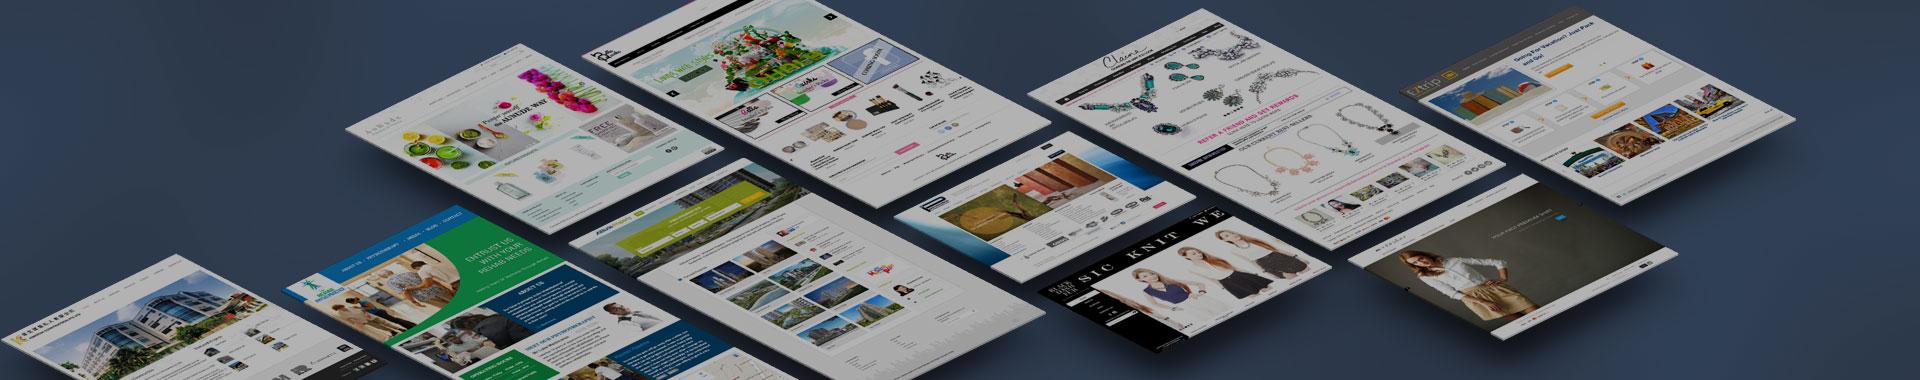 Website Design Singapore - Sucree